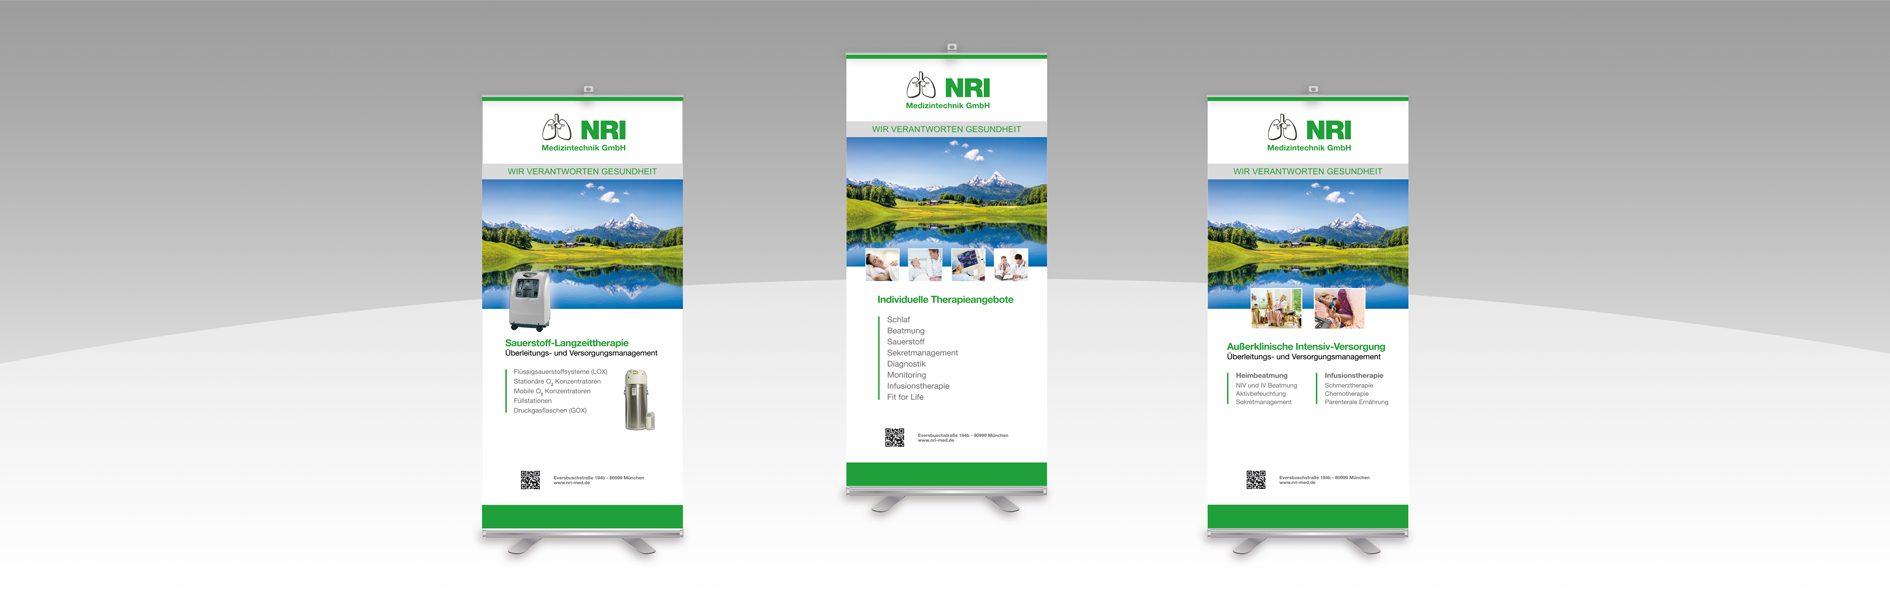 Hier sind die 3 neuen NRI Rollups abgebildet.